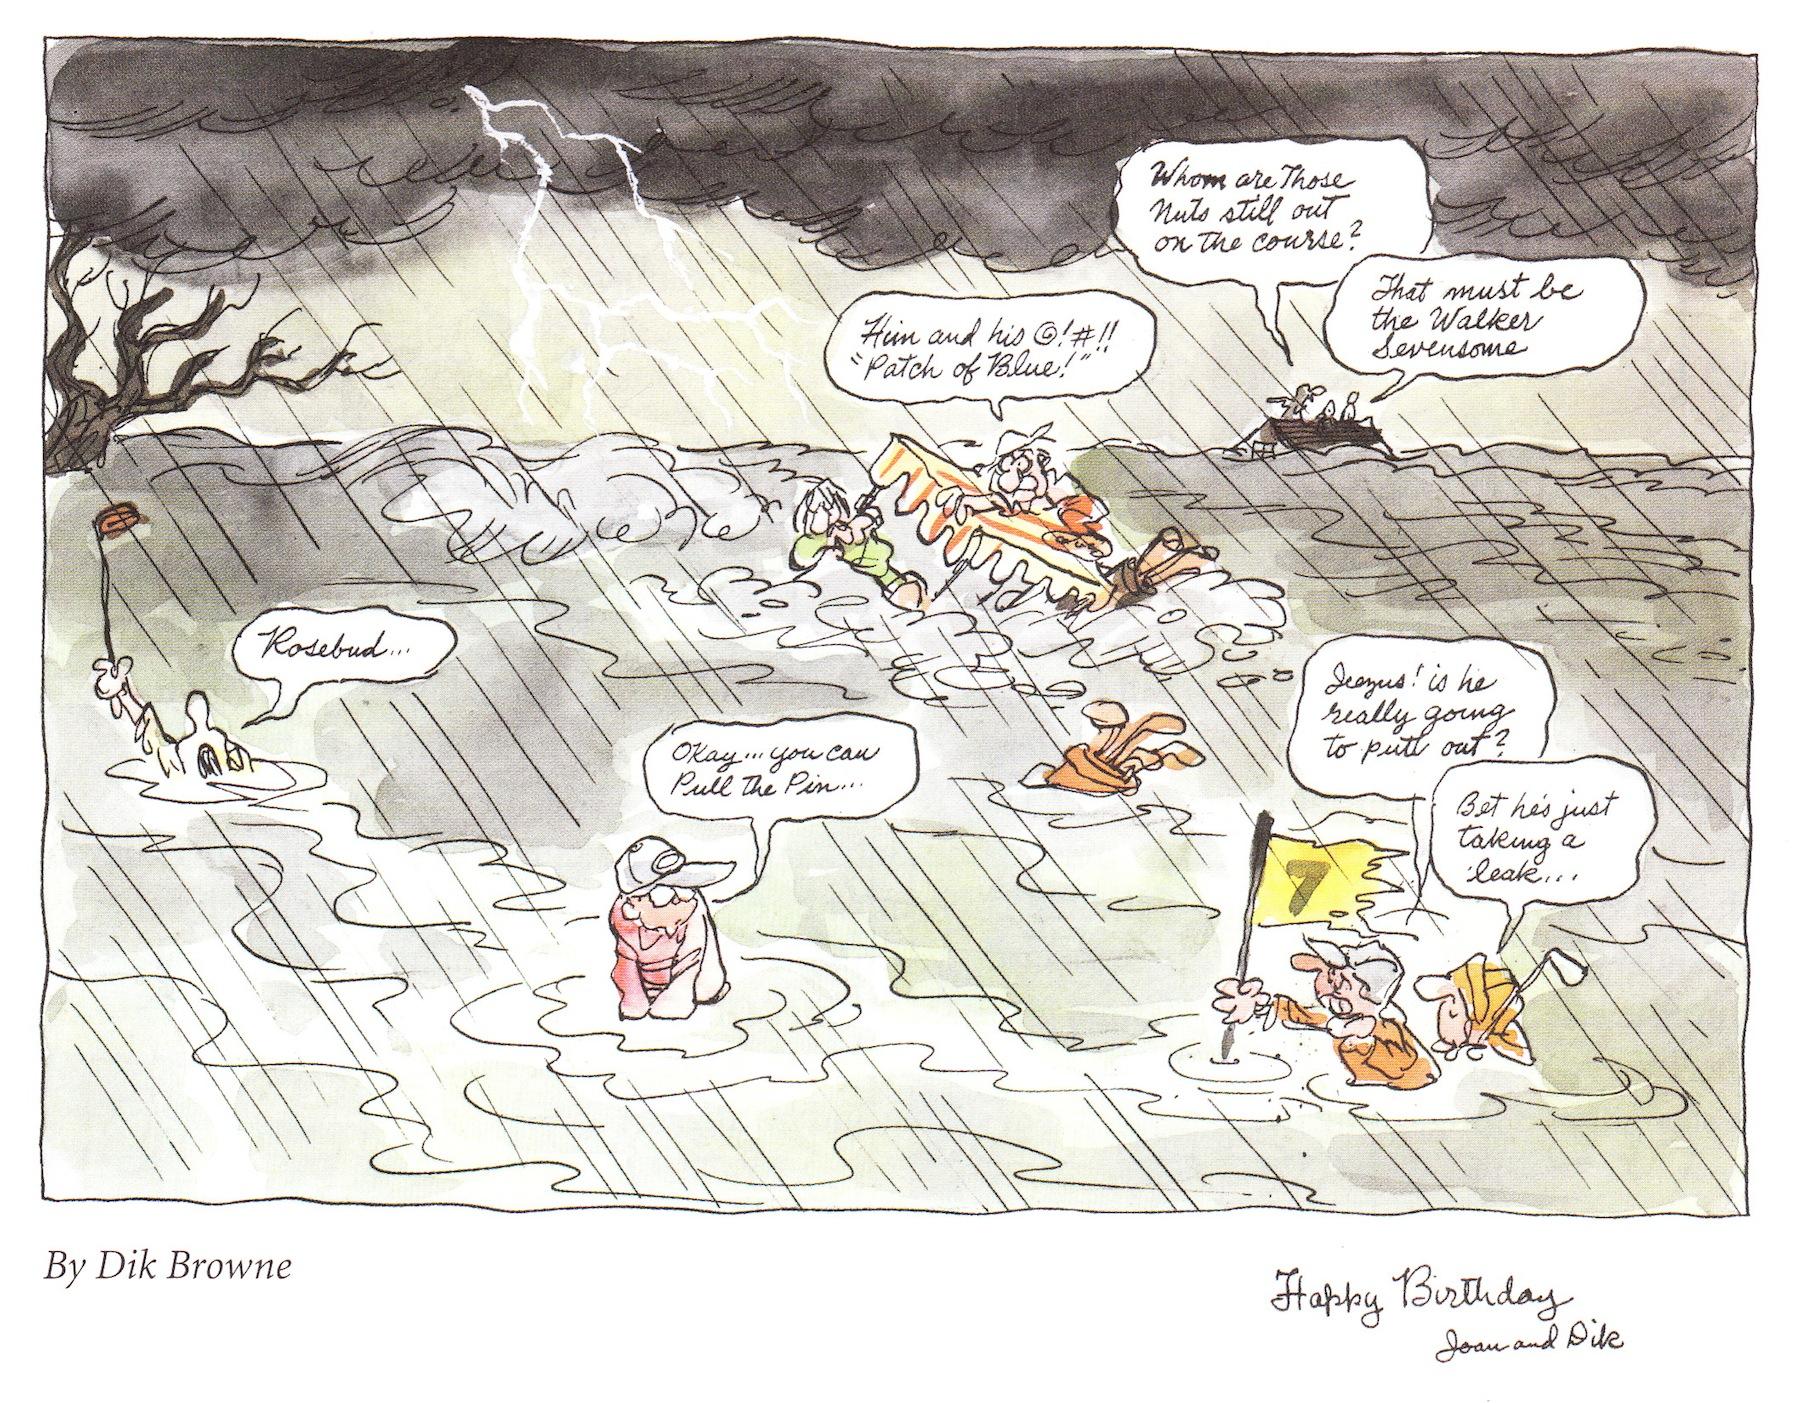 An original birthday card that Dik Browne drew for Mort Walker.